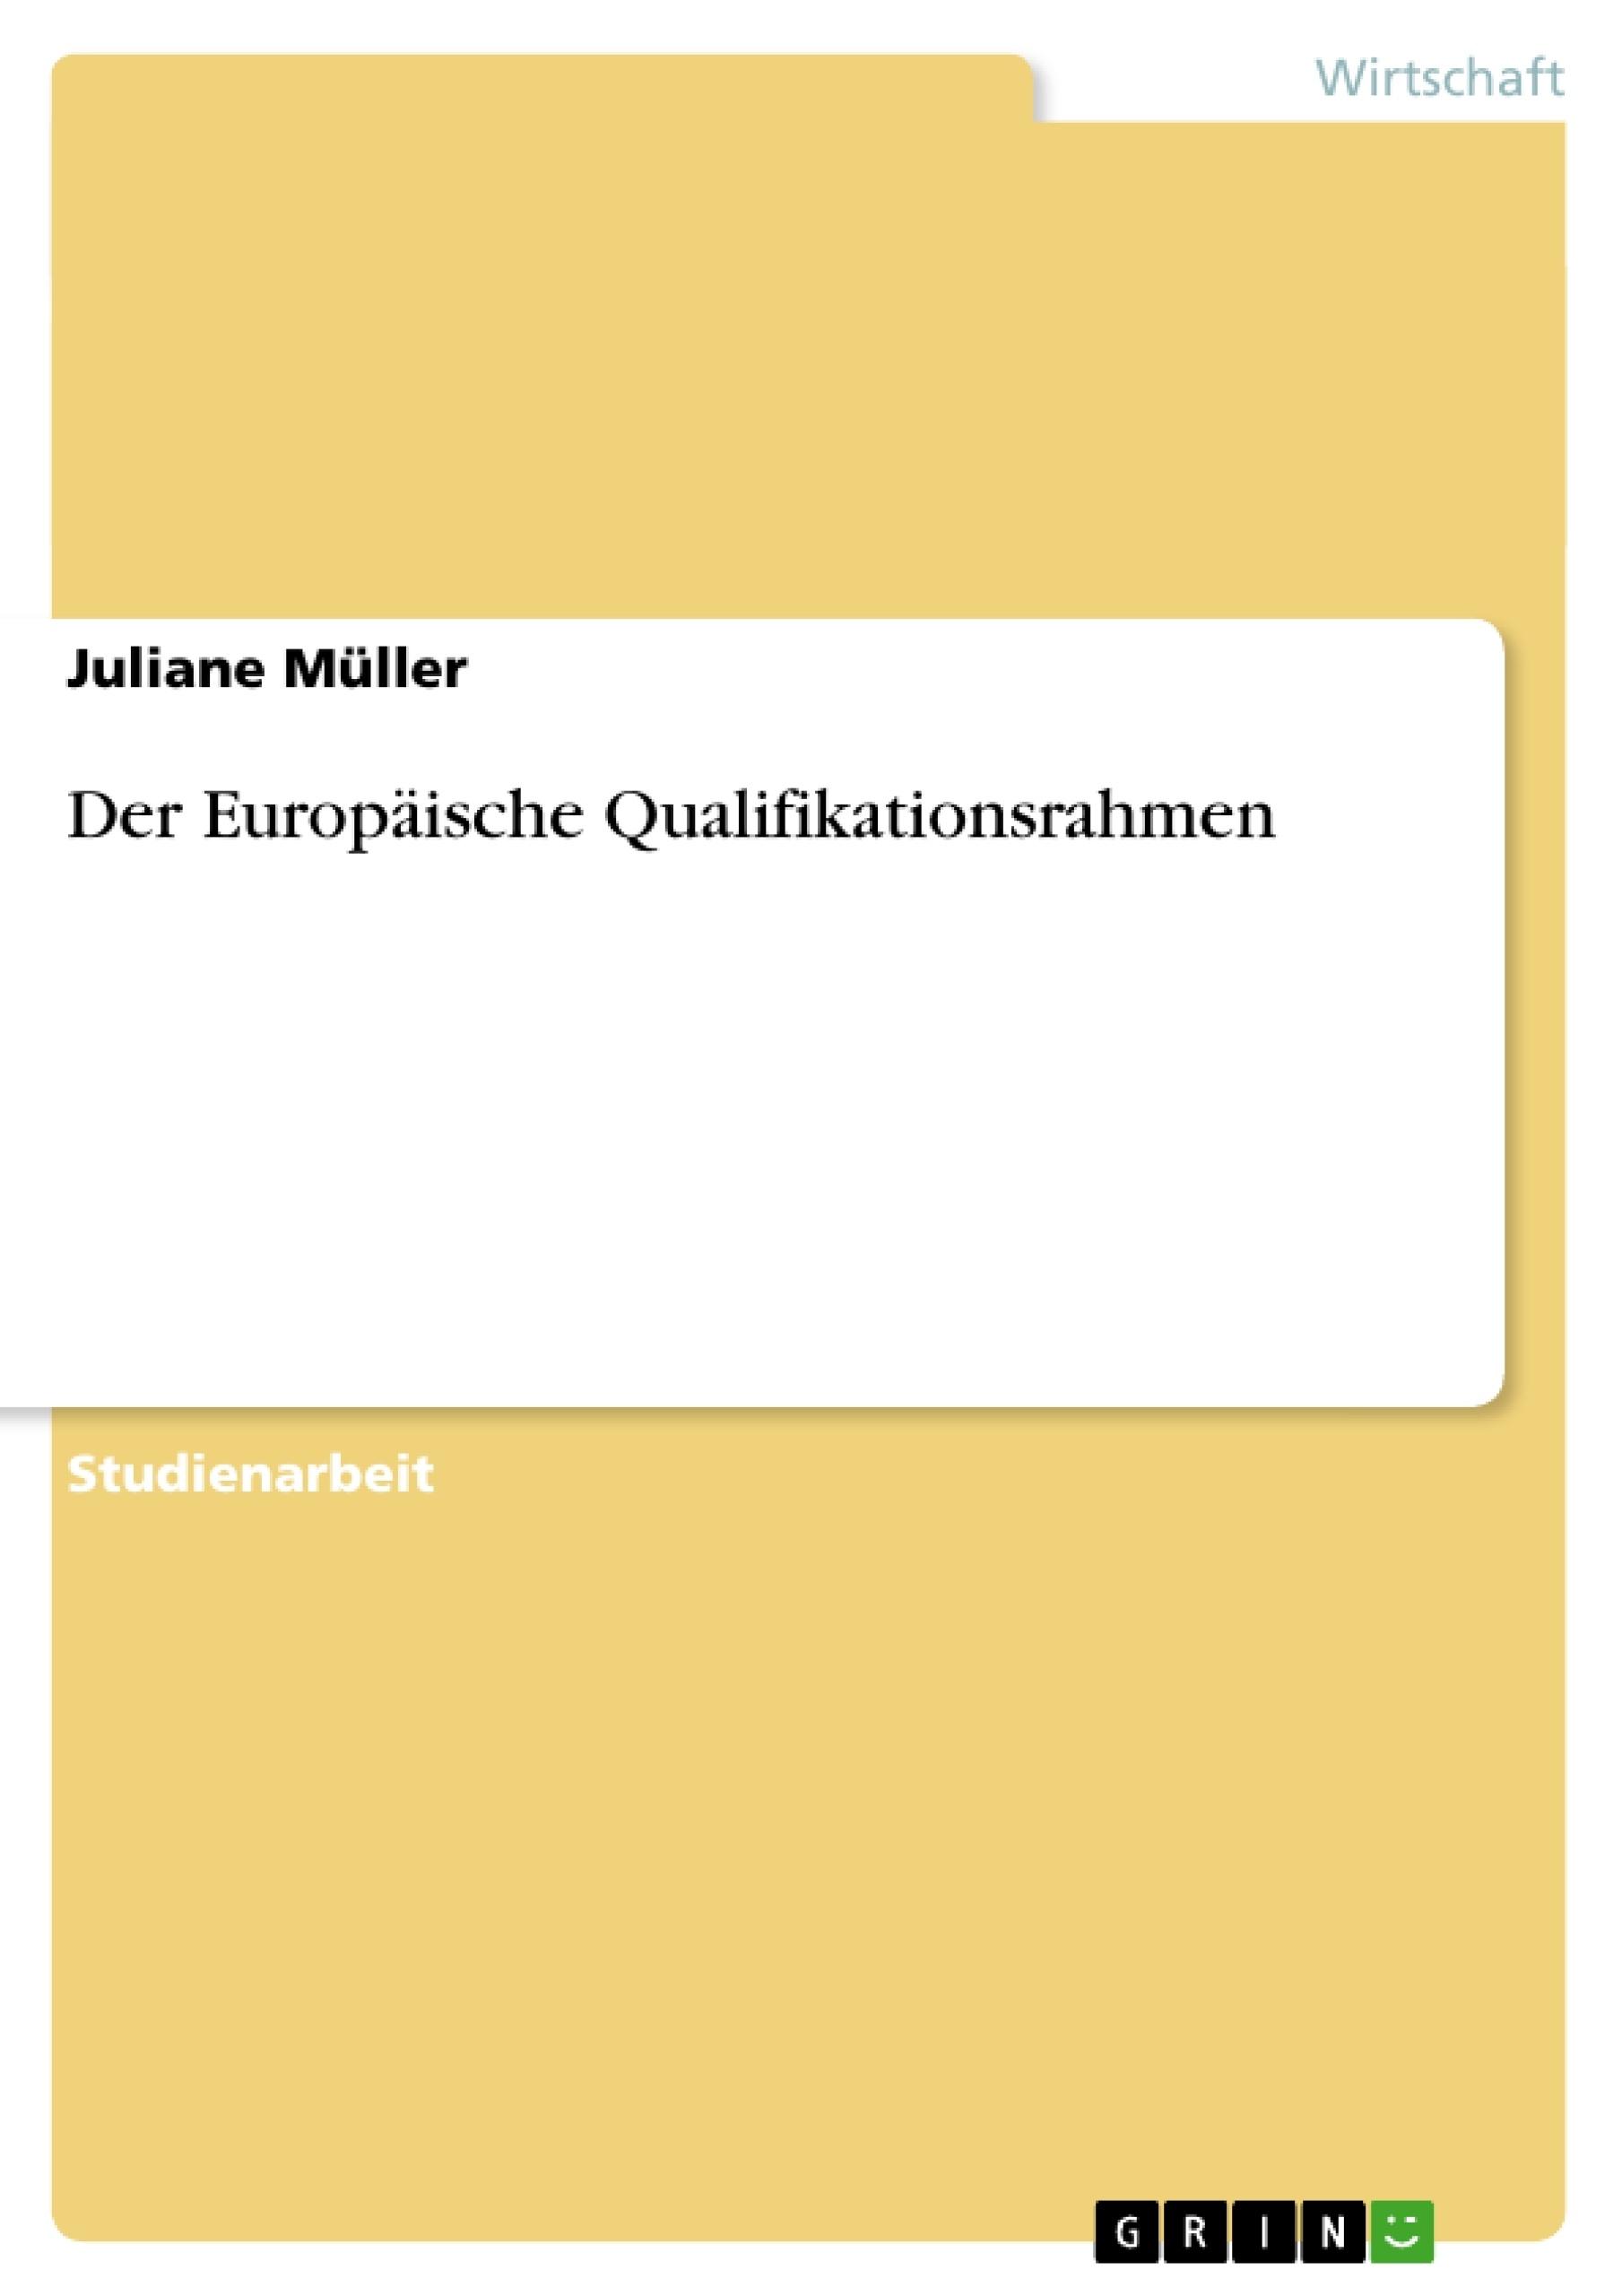 Titel: Der Europäische Qualifikationsrahmen